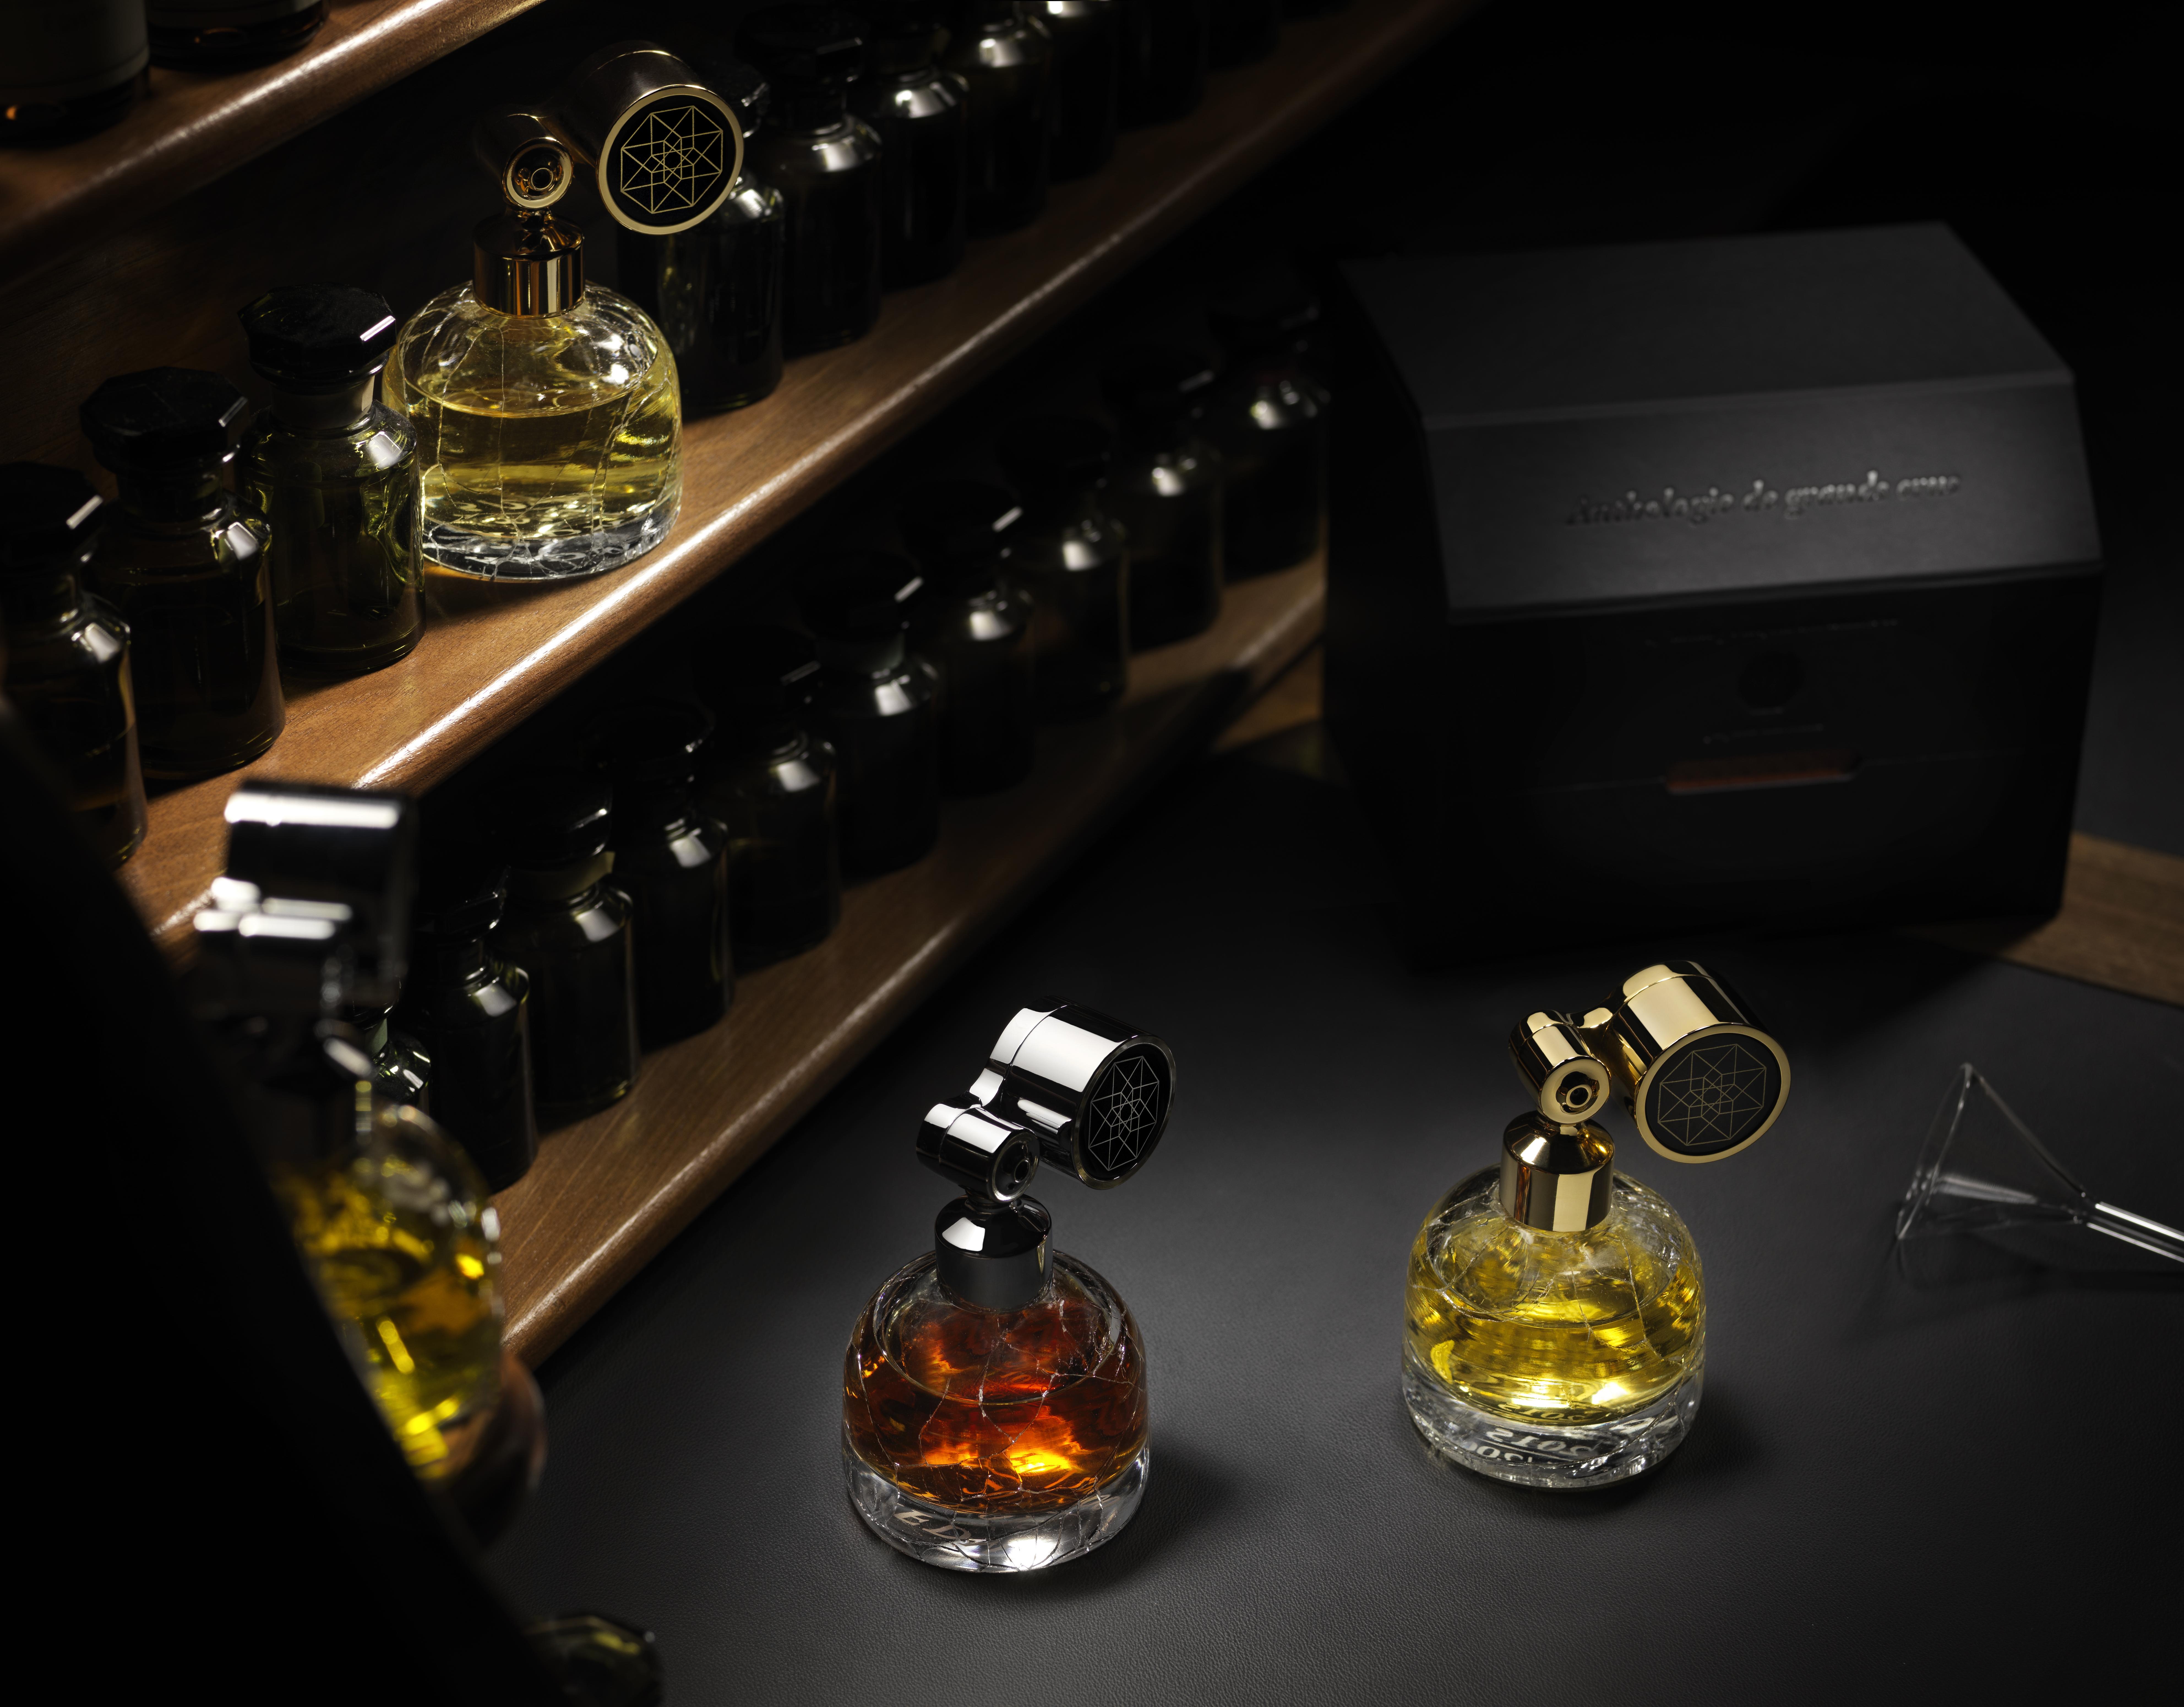 L'Atelier Français des matières launches its first perfume collection